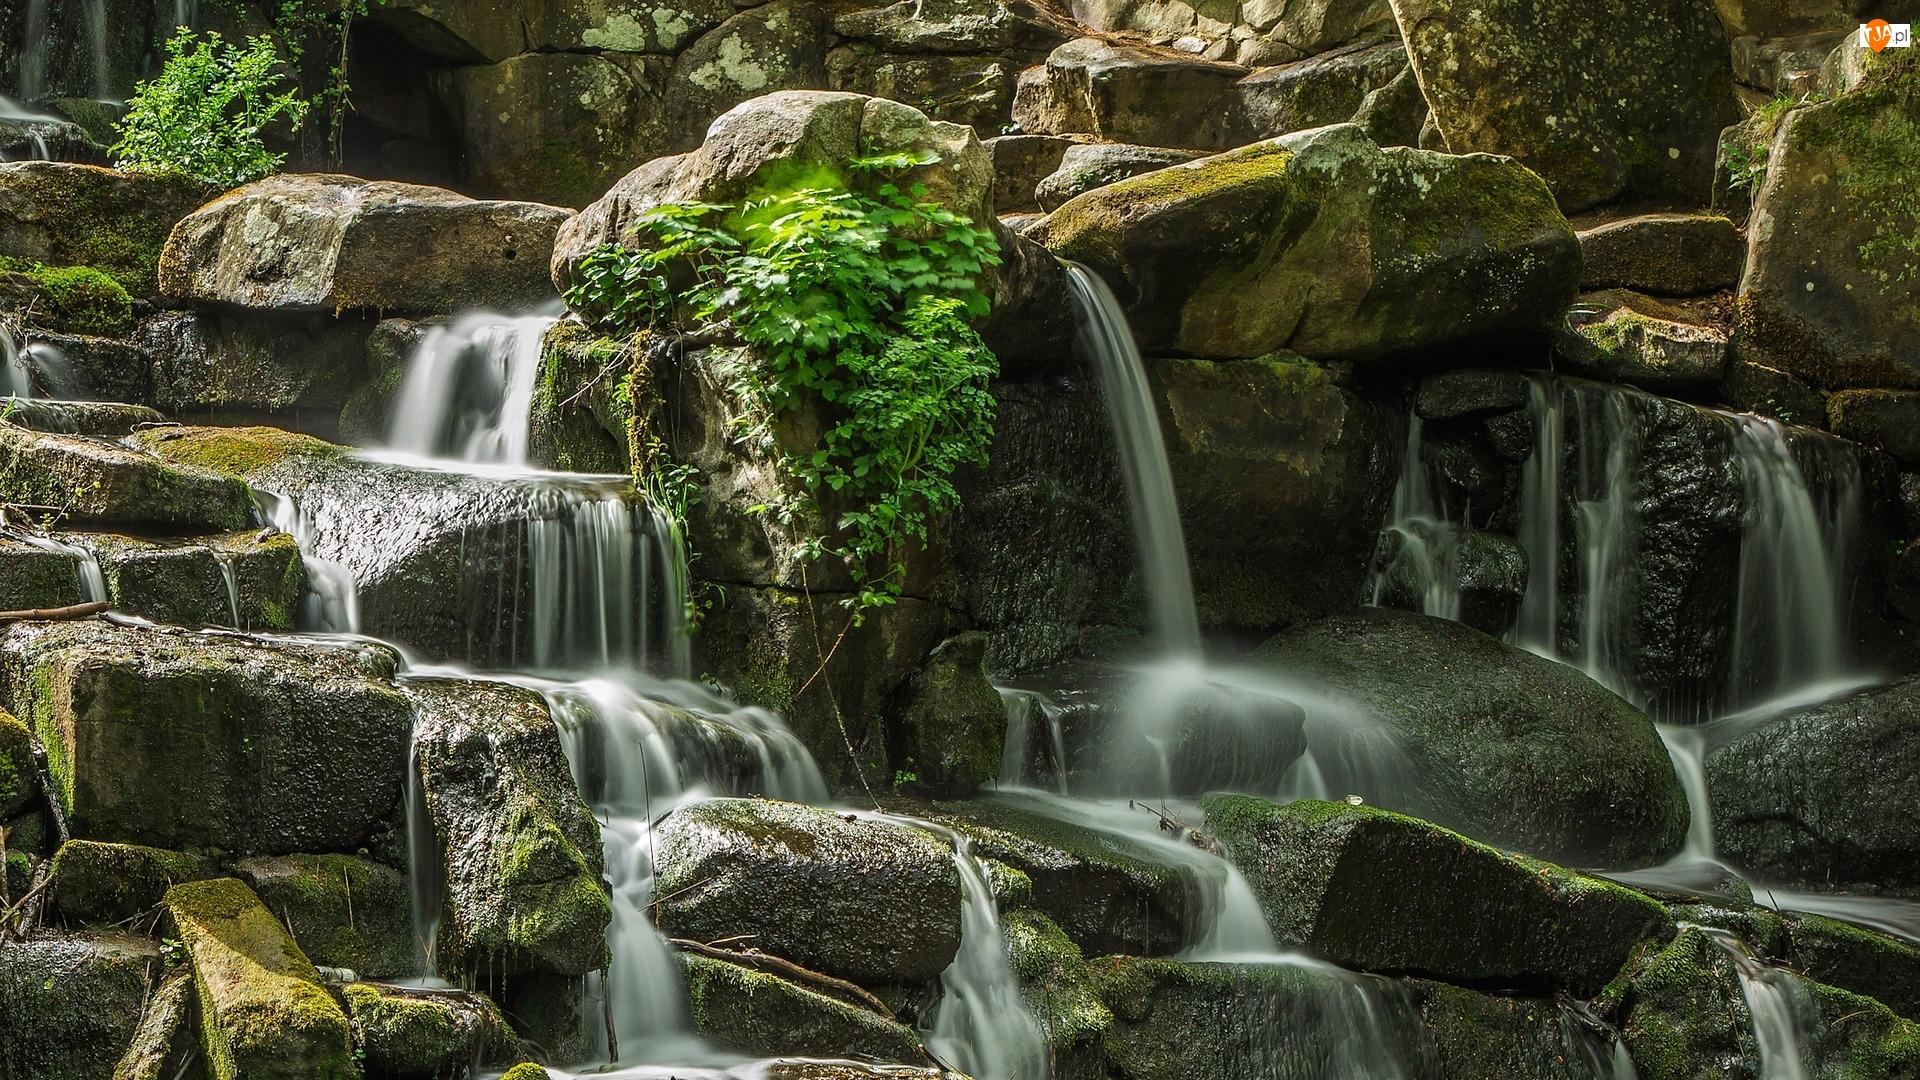 Woda, Rośliny, Omszałe, Kamienie